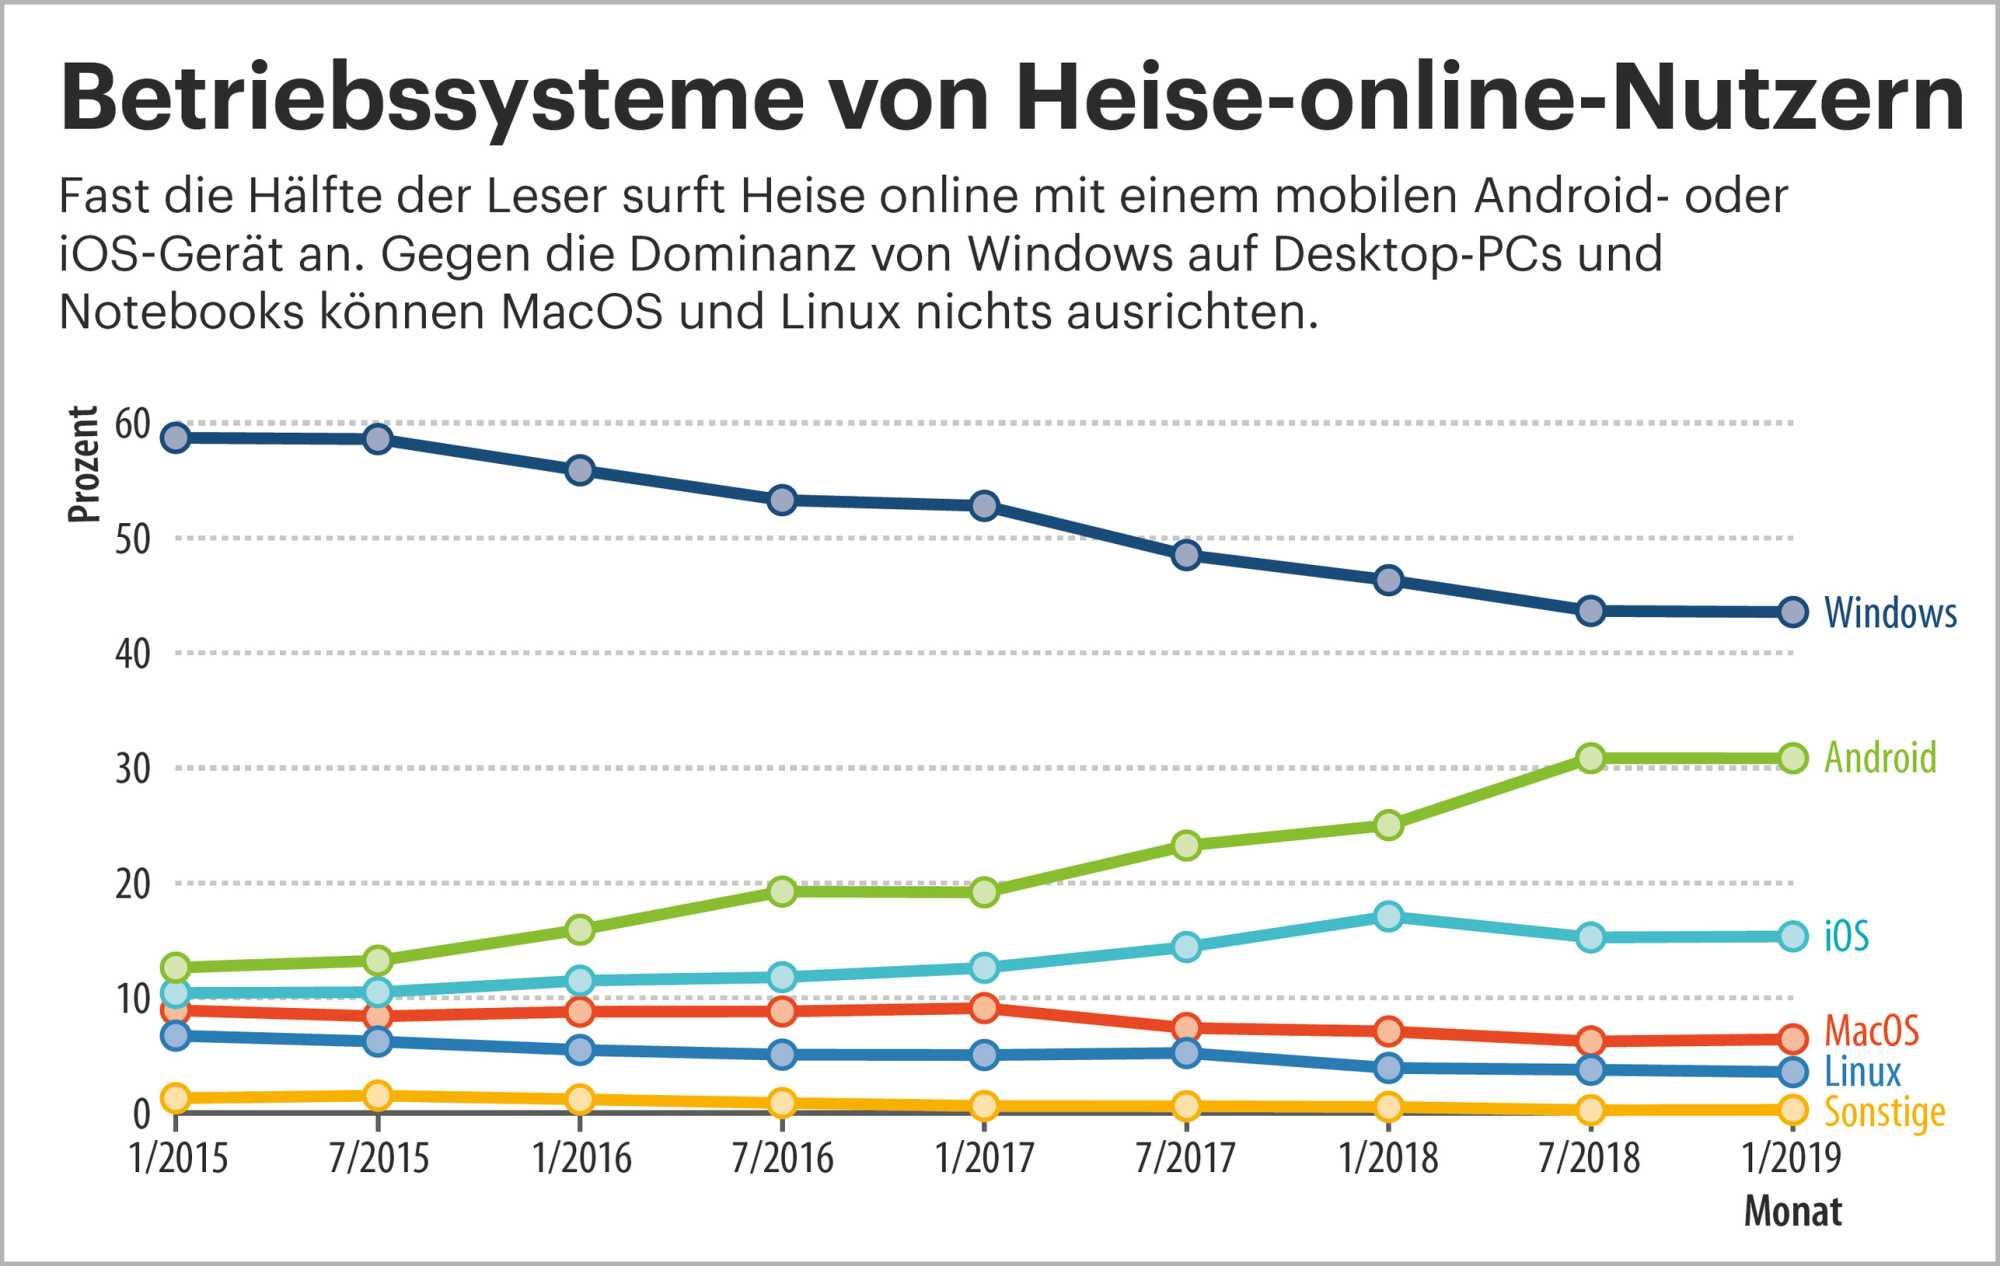 Betriebssysteme von Heise-online-Nutzern